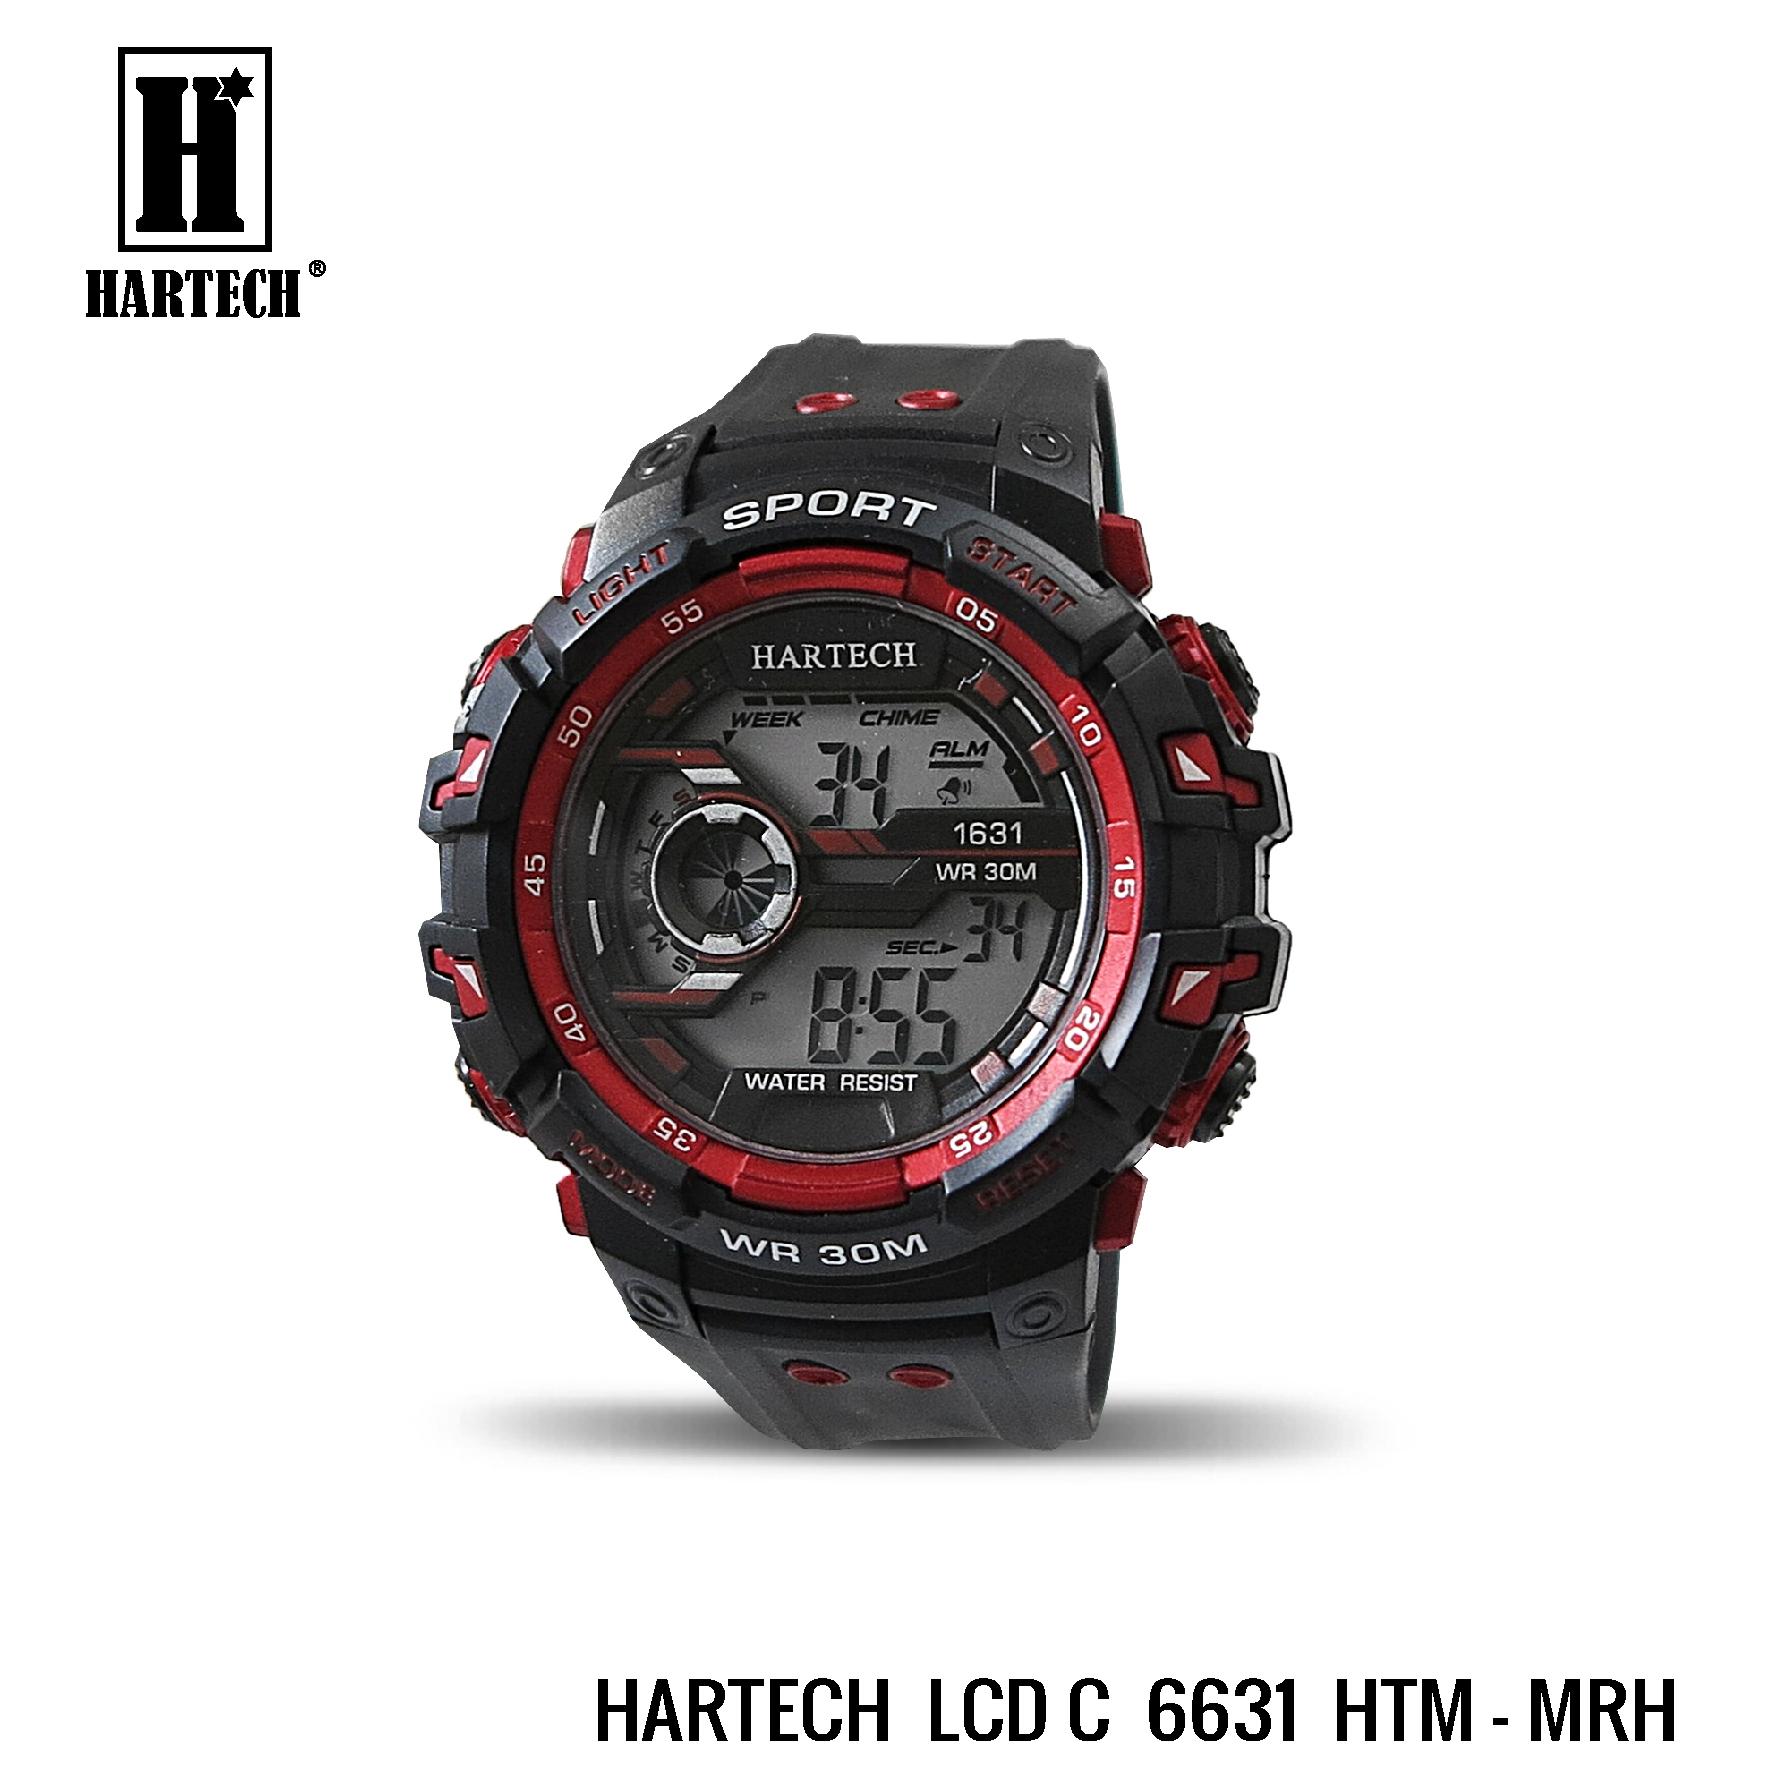 HARTECH LCD C 6631